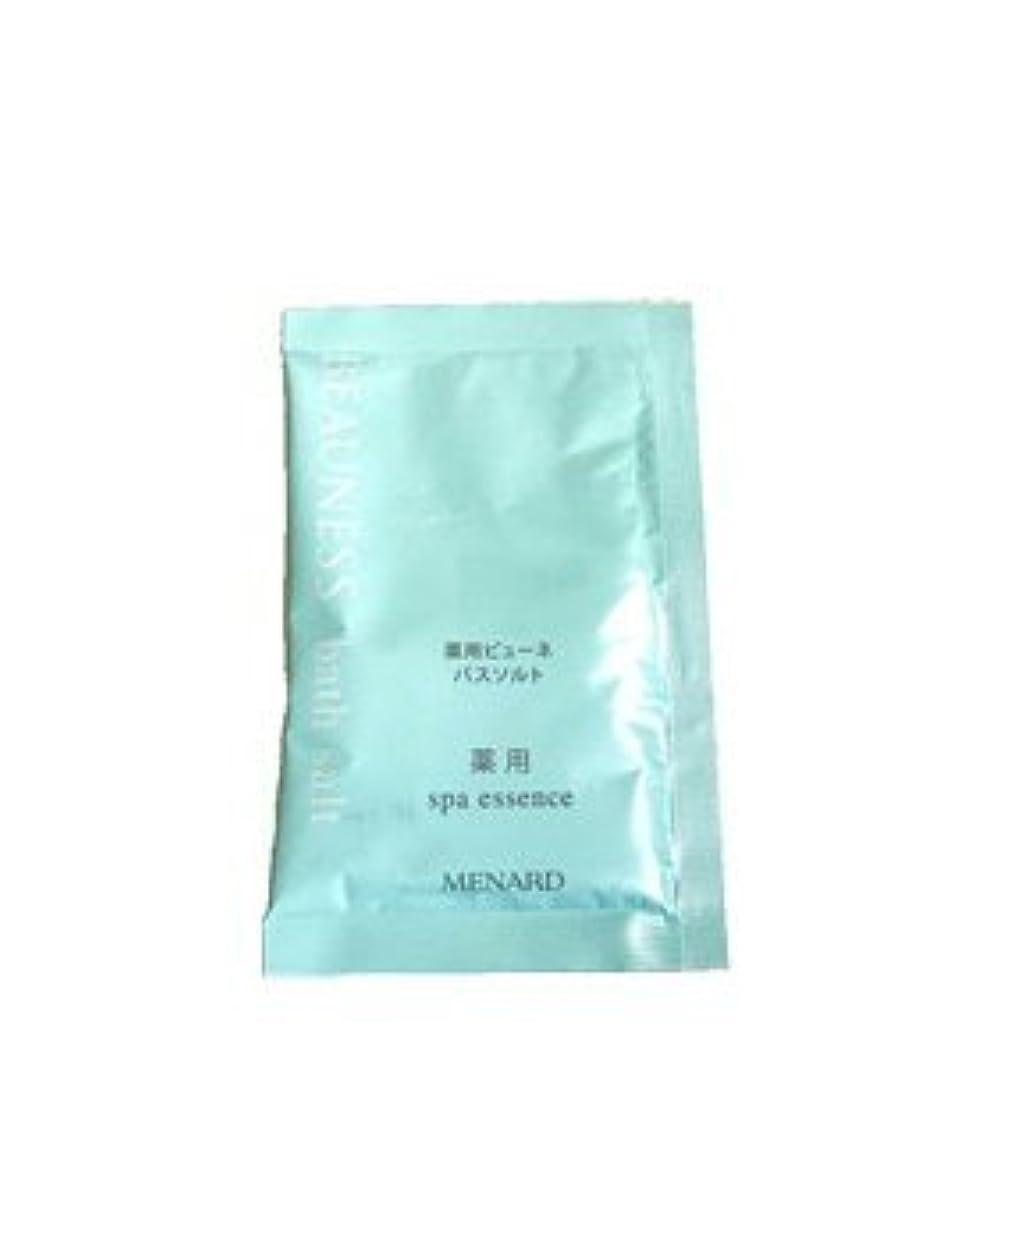 ファッションうまくいけば作成者メナード 薬用ビューネ バスソルト 20g×1包入 (並行輸入品)